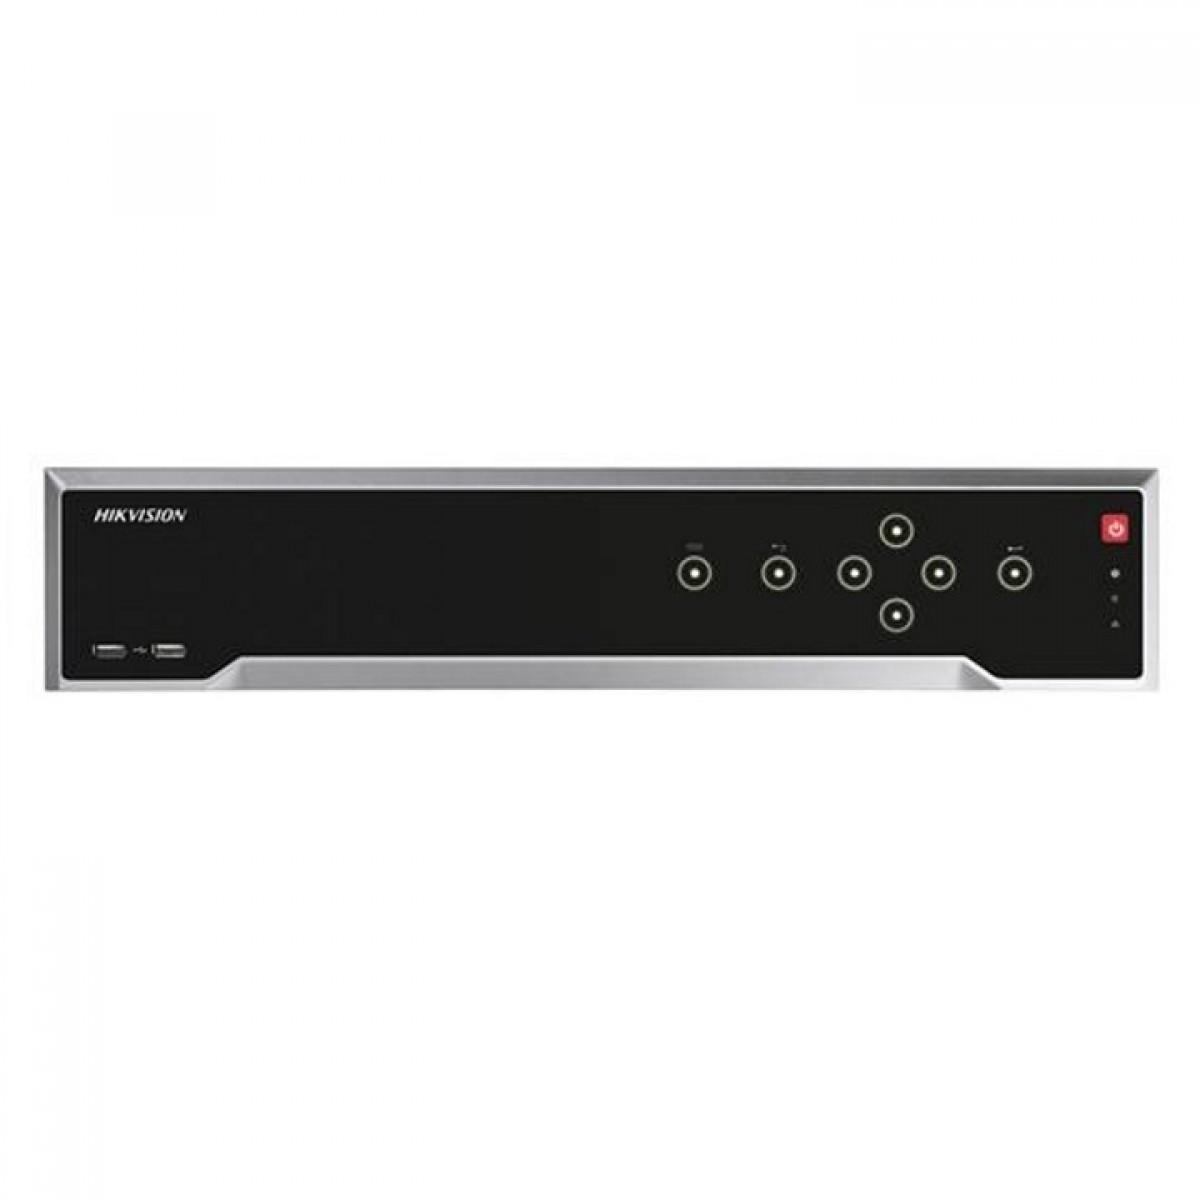 16-канальный 4K сетевой видеорегистратор Hikvision DS-7716NI-I4